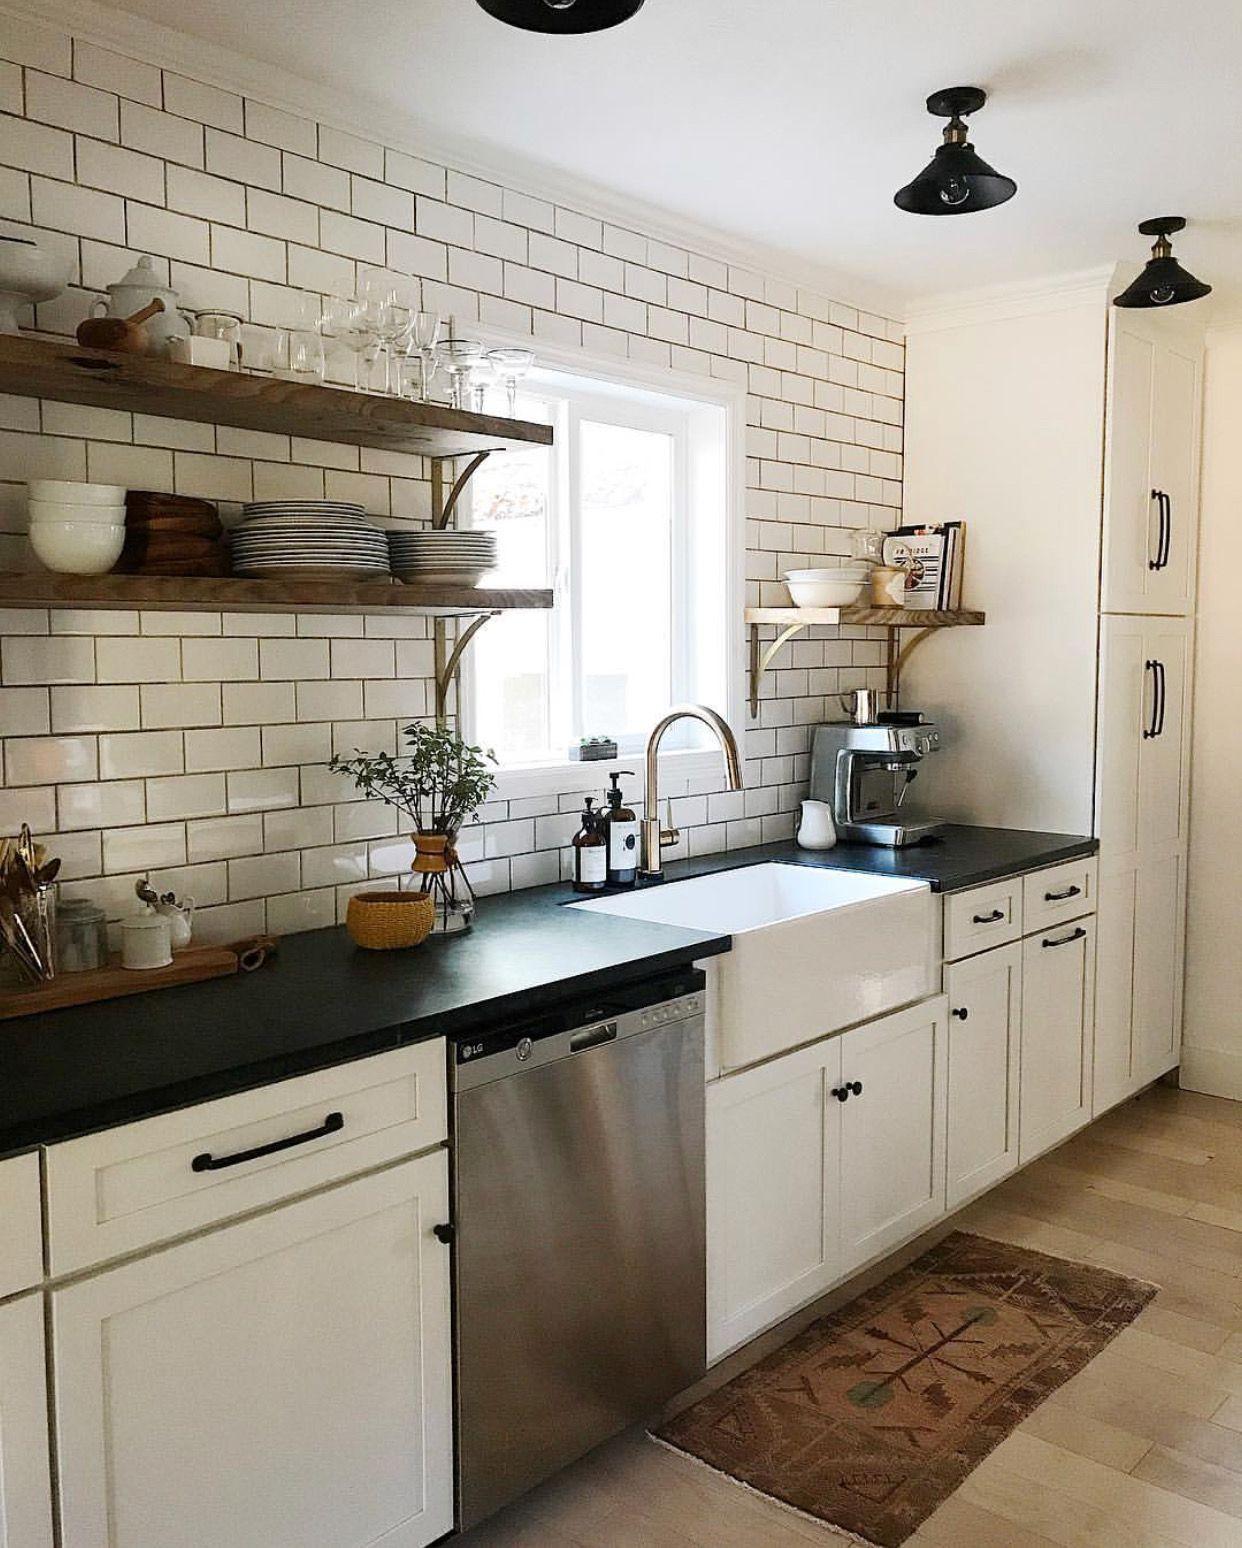 25 grey kitchen ideas modern accent grey kitchen design galley kitchen design galley on kitchen remodel galley style id=23422